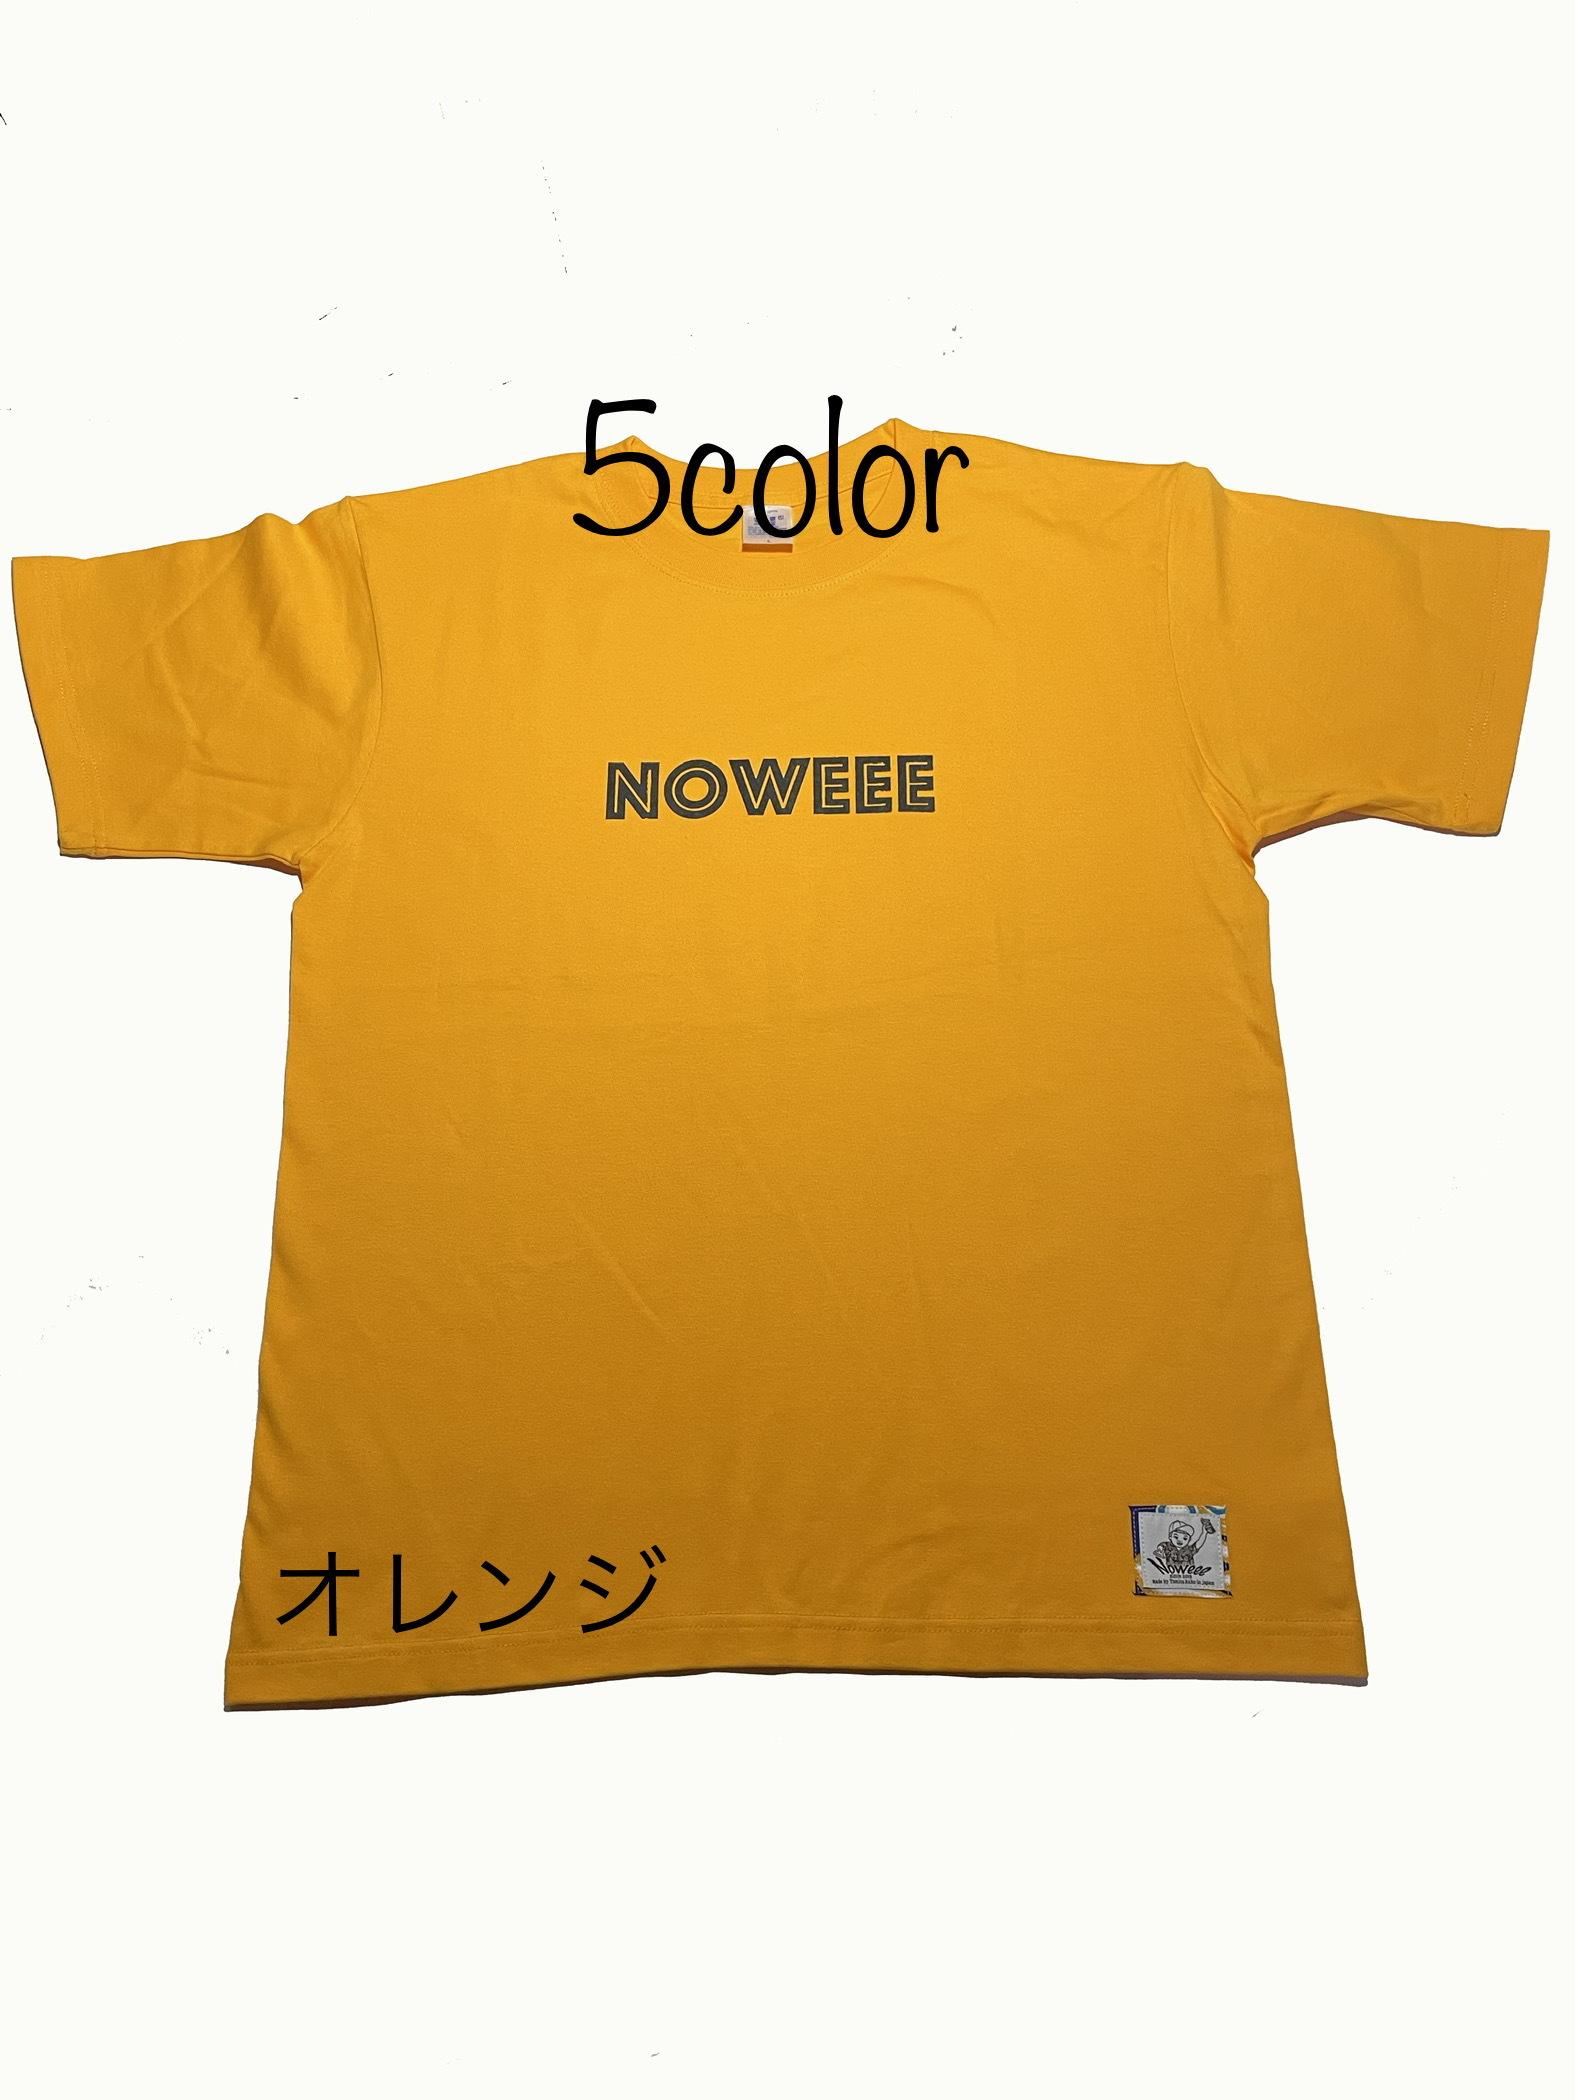 Tシャツ 〜Noweeeロゴ②〜 【全5色】